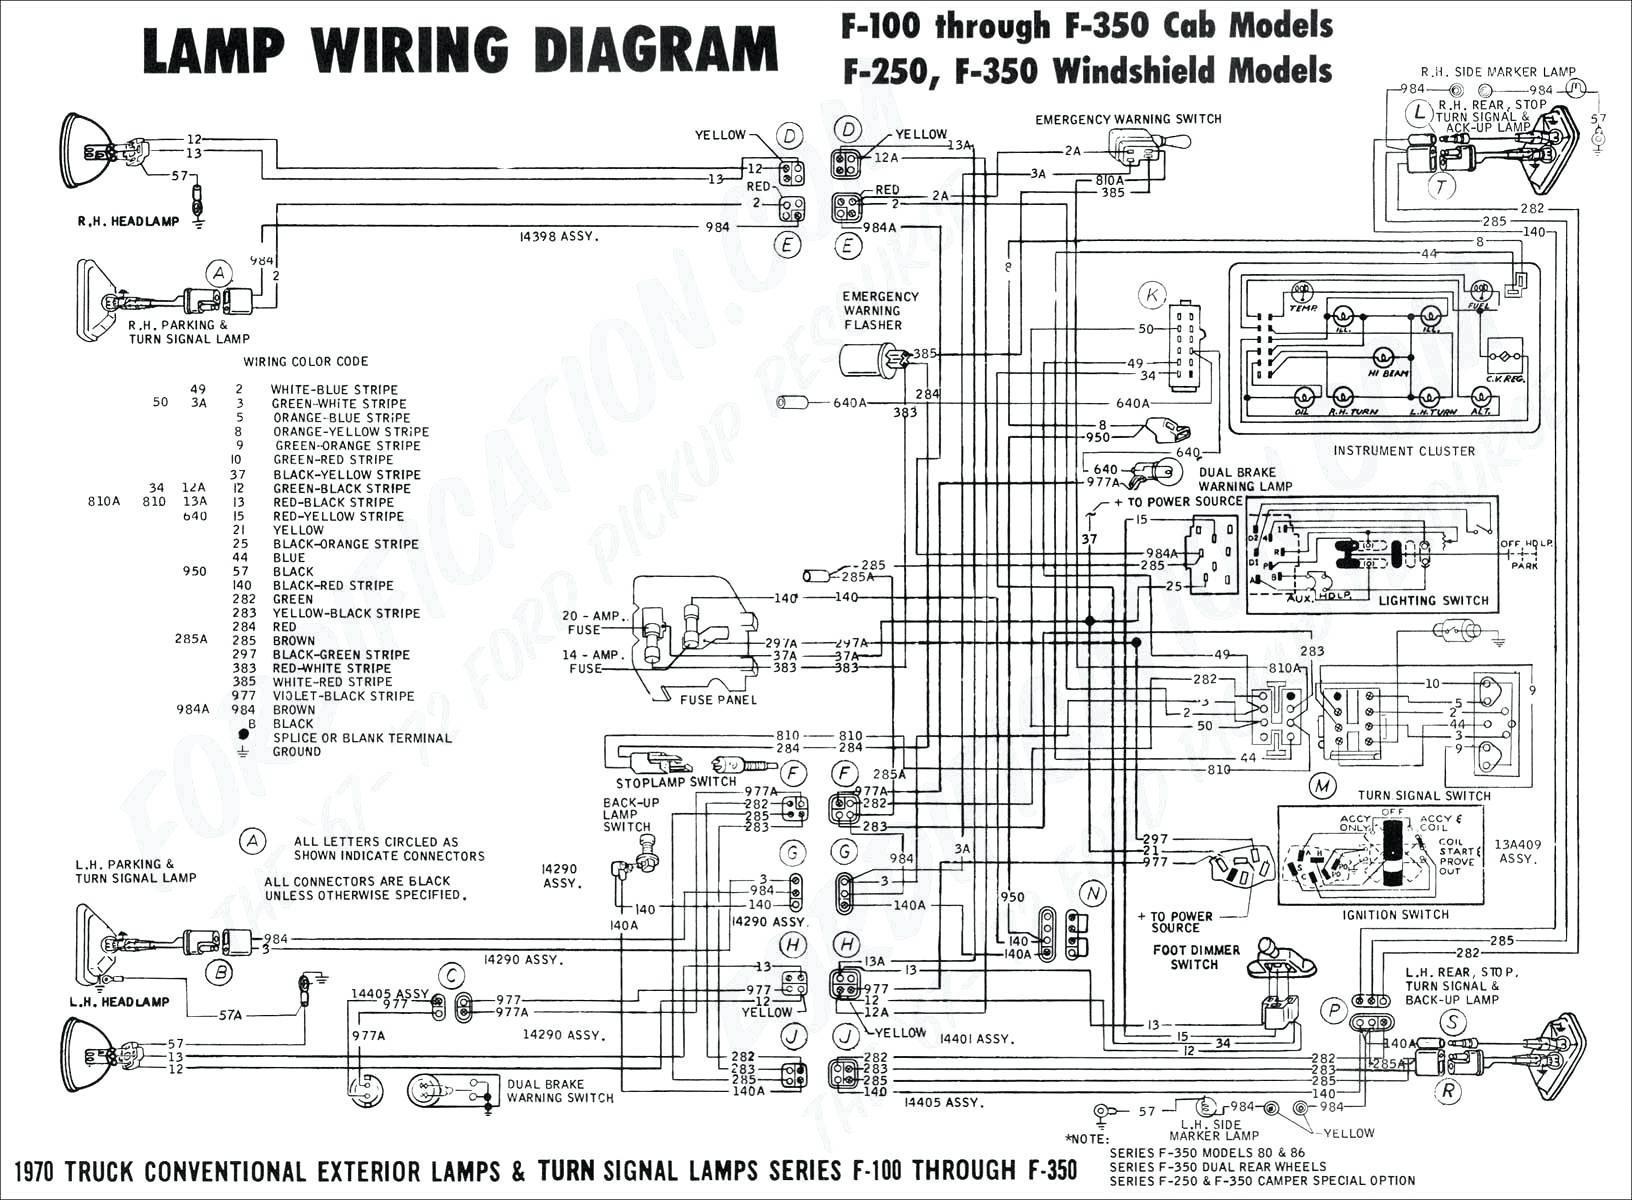 92 S10 Tail Light Wiring Diagram Schema Wiring Diagram